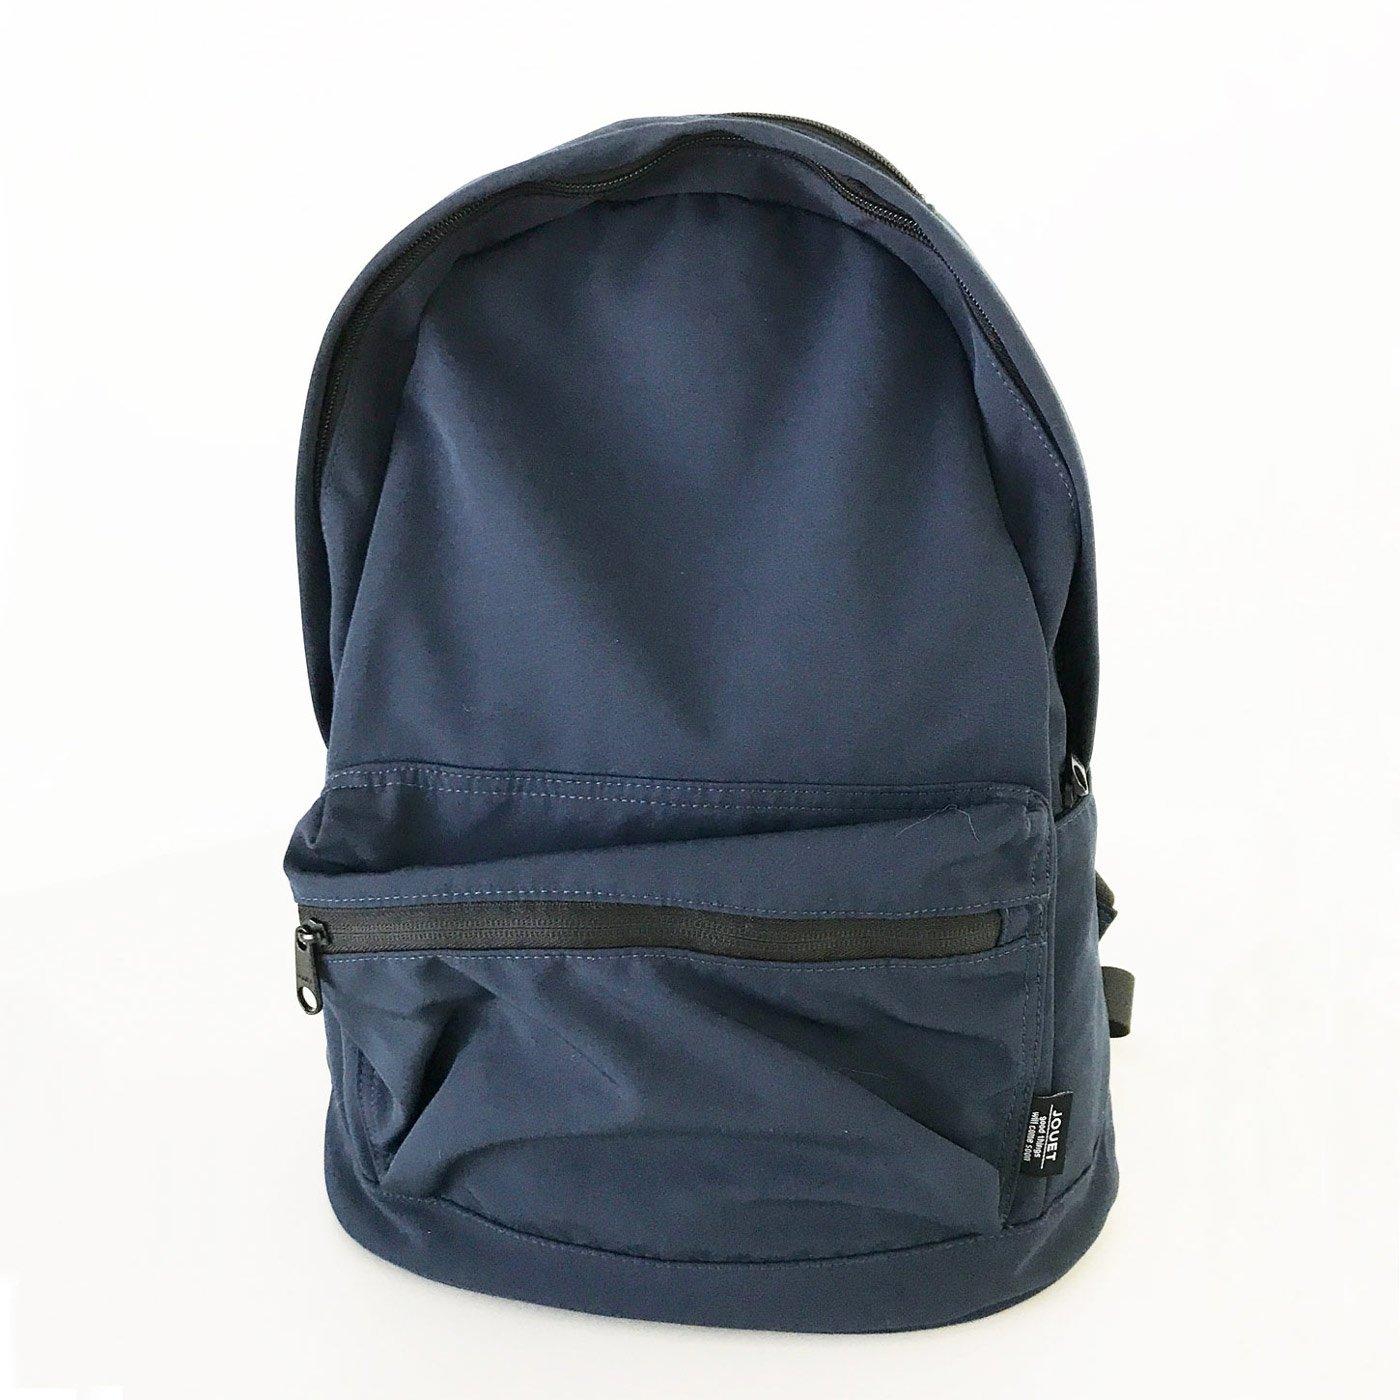 IEDIT[イディット] SELECT 小物ポケットが便利なシンプルリュック J5267